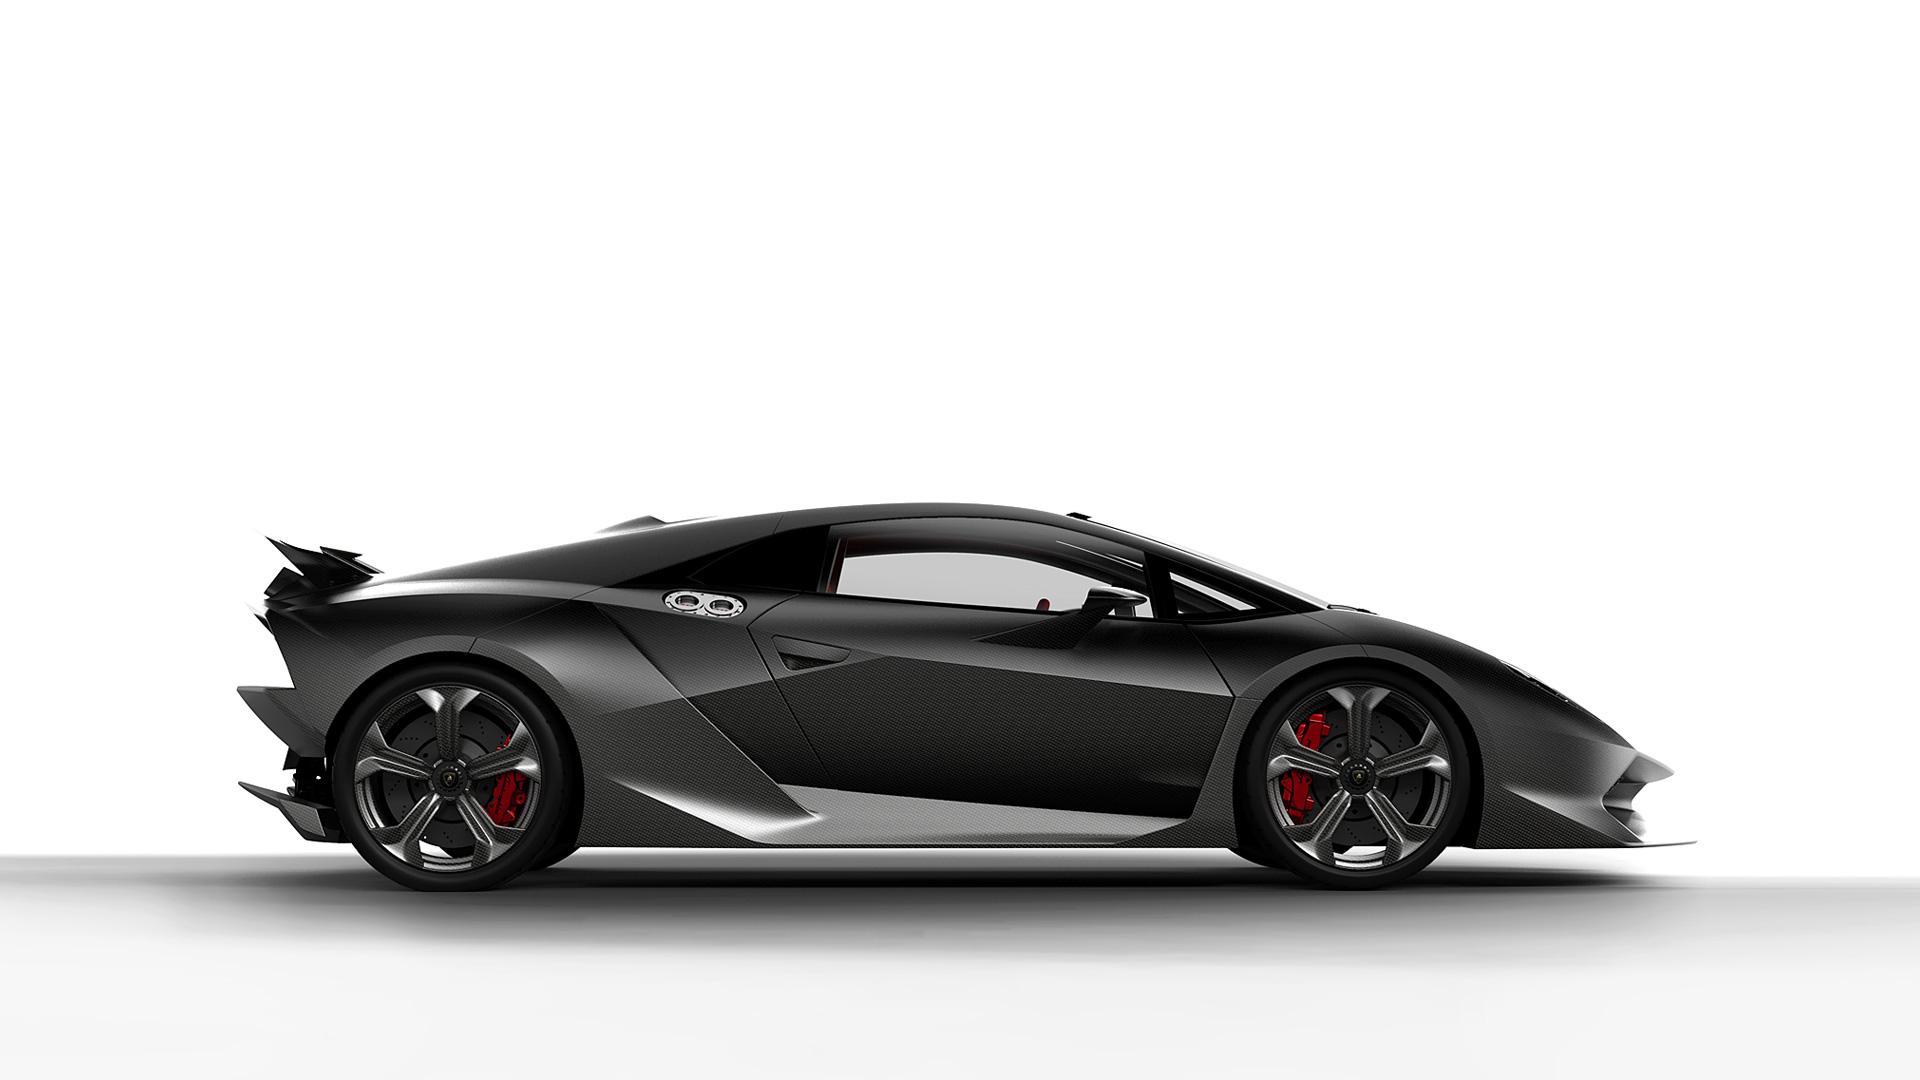 download Lamborghini Veneno-1080p